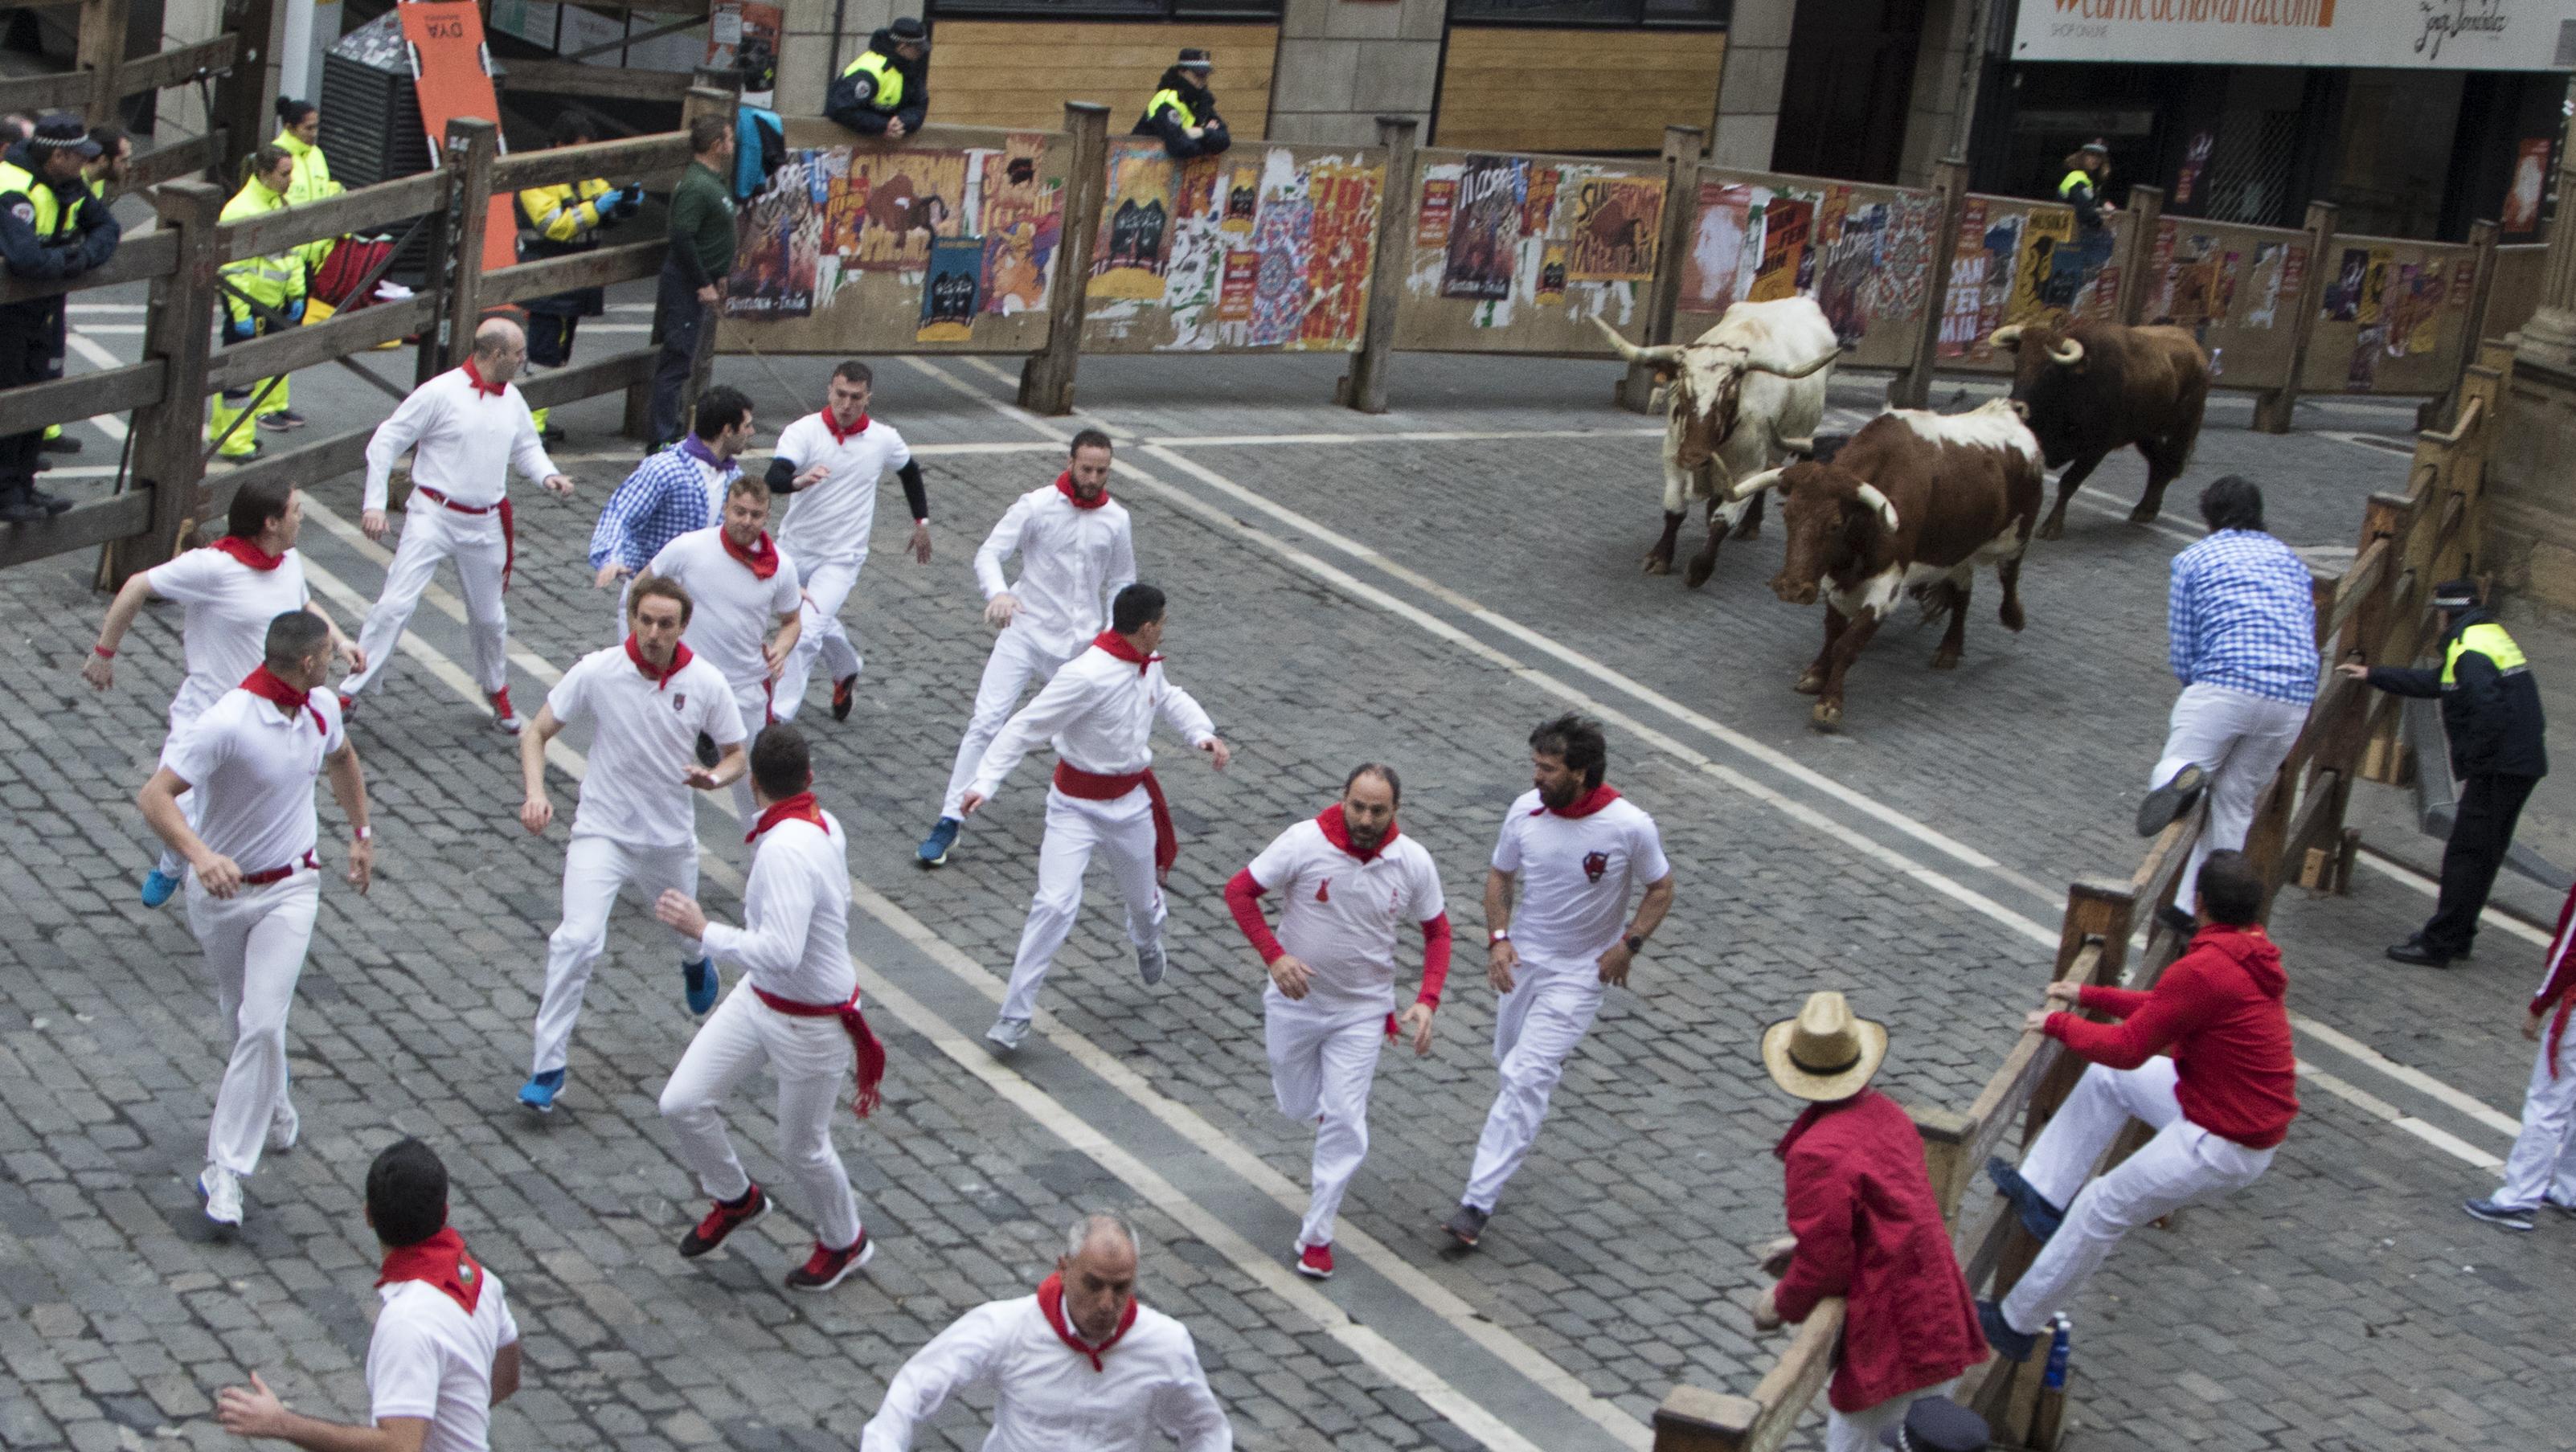 La manada entra en la plaza consistorial un 17 de marzo. Increíble, pero cierto.